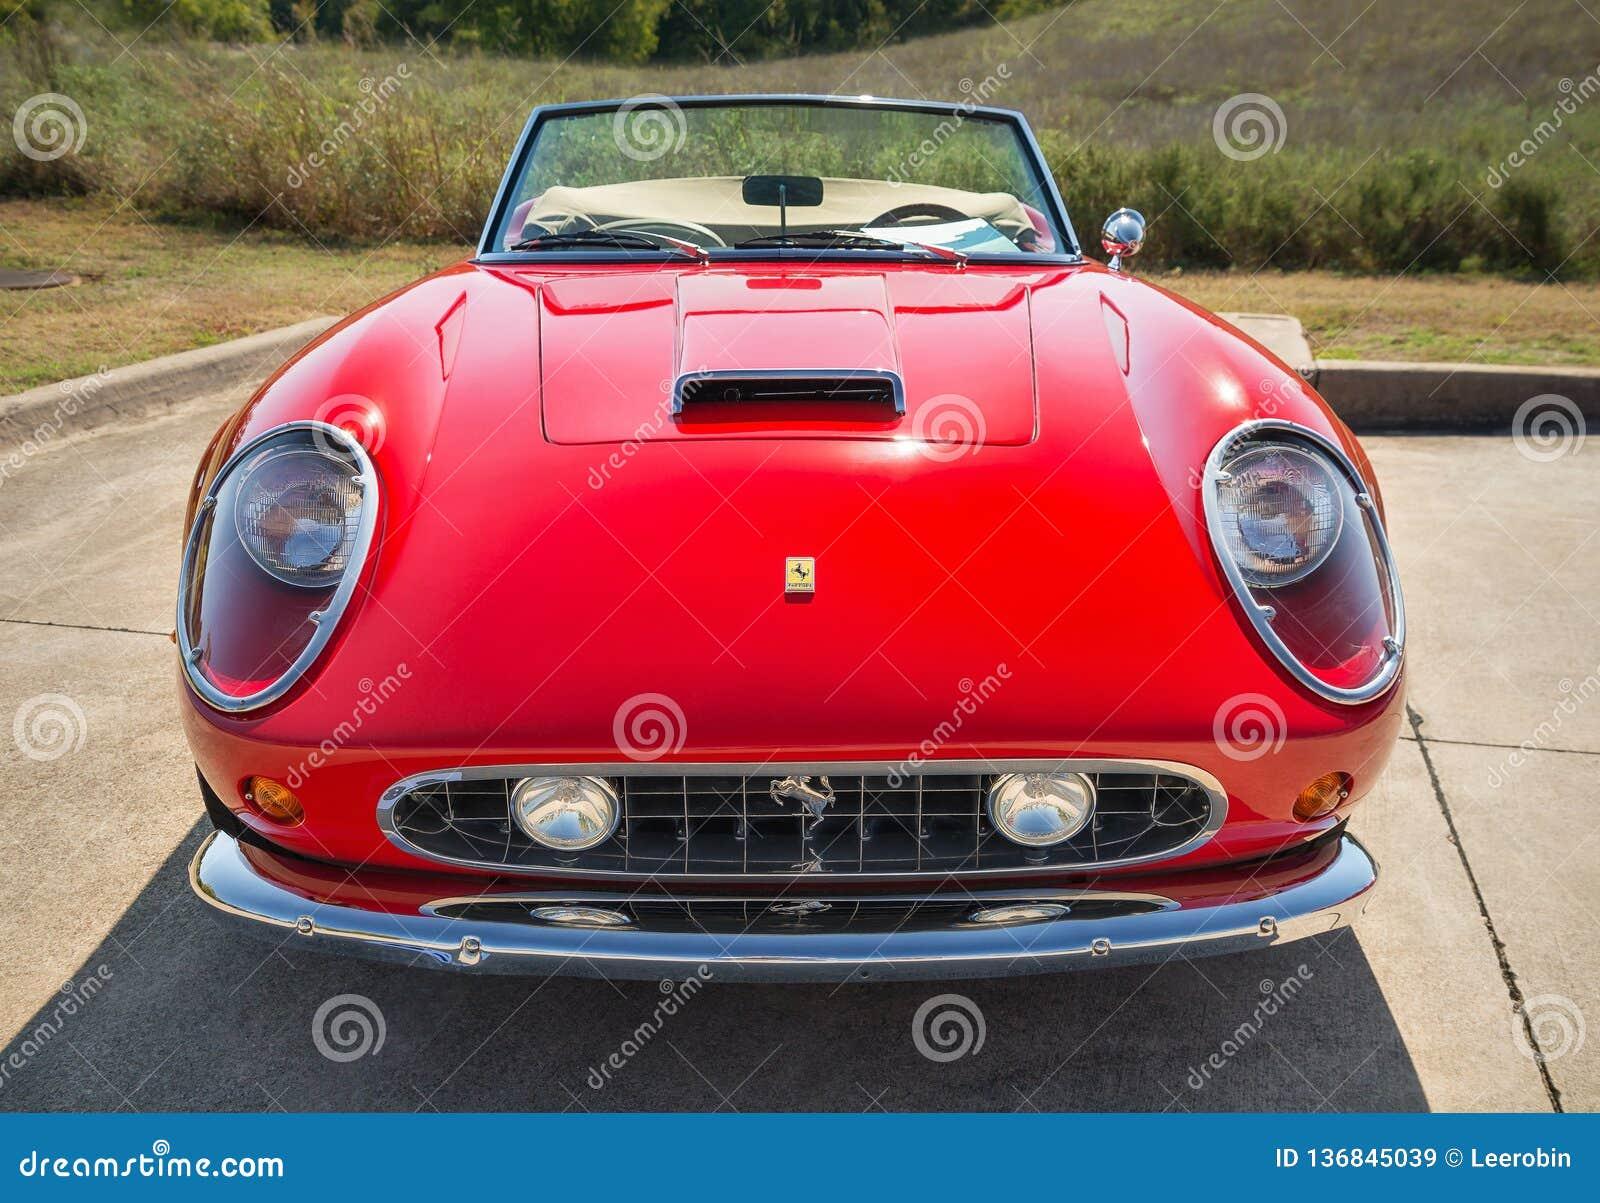 Rot Ferrari 1962 250 Gt Kalifornien Spyder Redaktionelles Stockbild Bild Von Farbe Frontseite 136845039